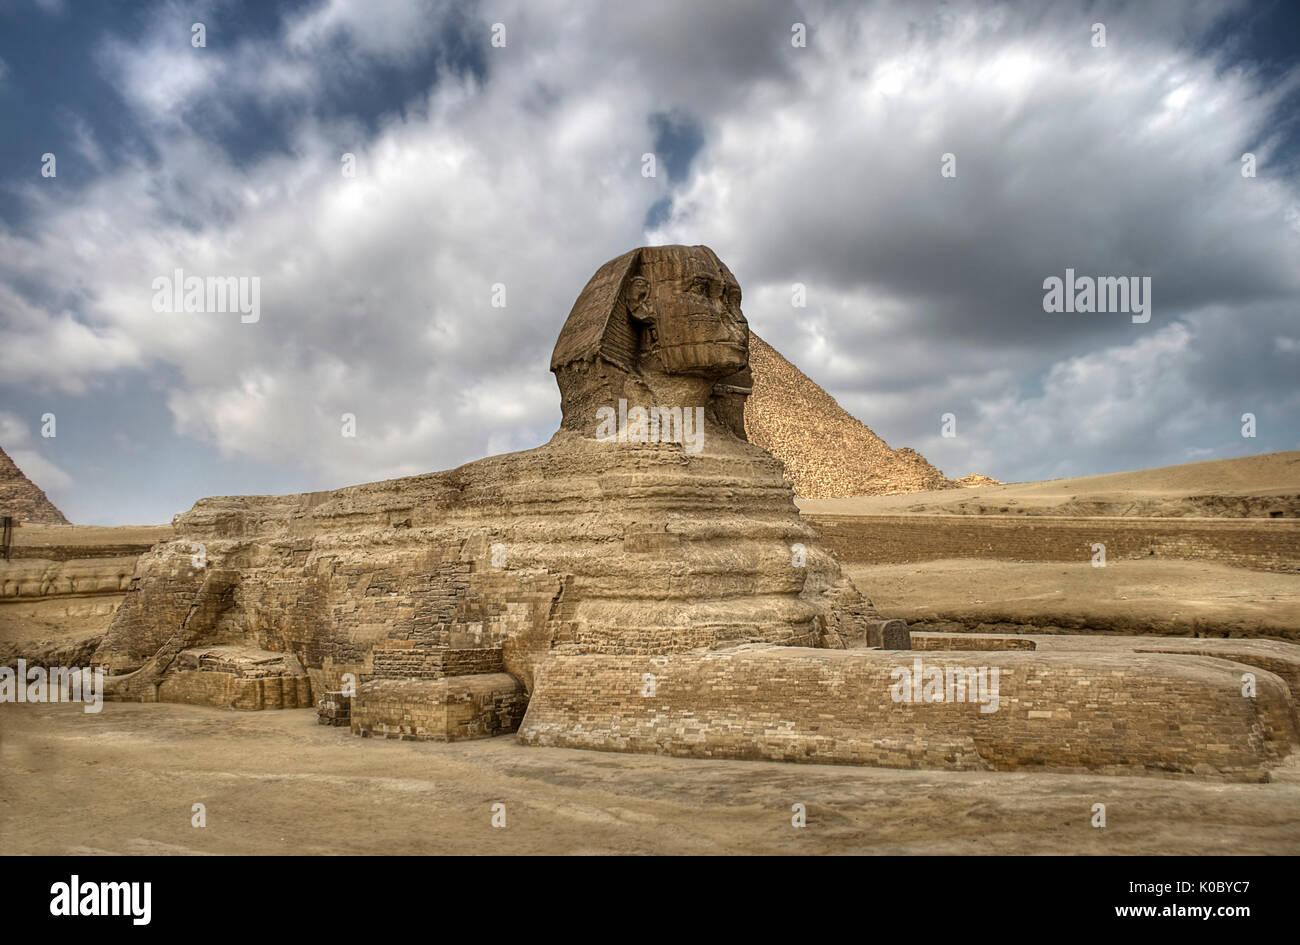 Le sphinx garde les pyramides à Gizeh le plateu au Caire, Égypte. Photo Stock